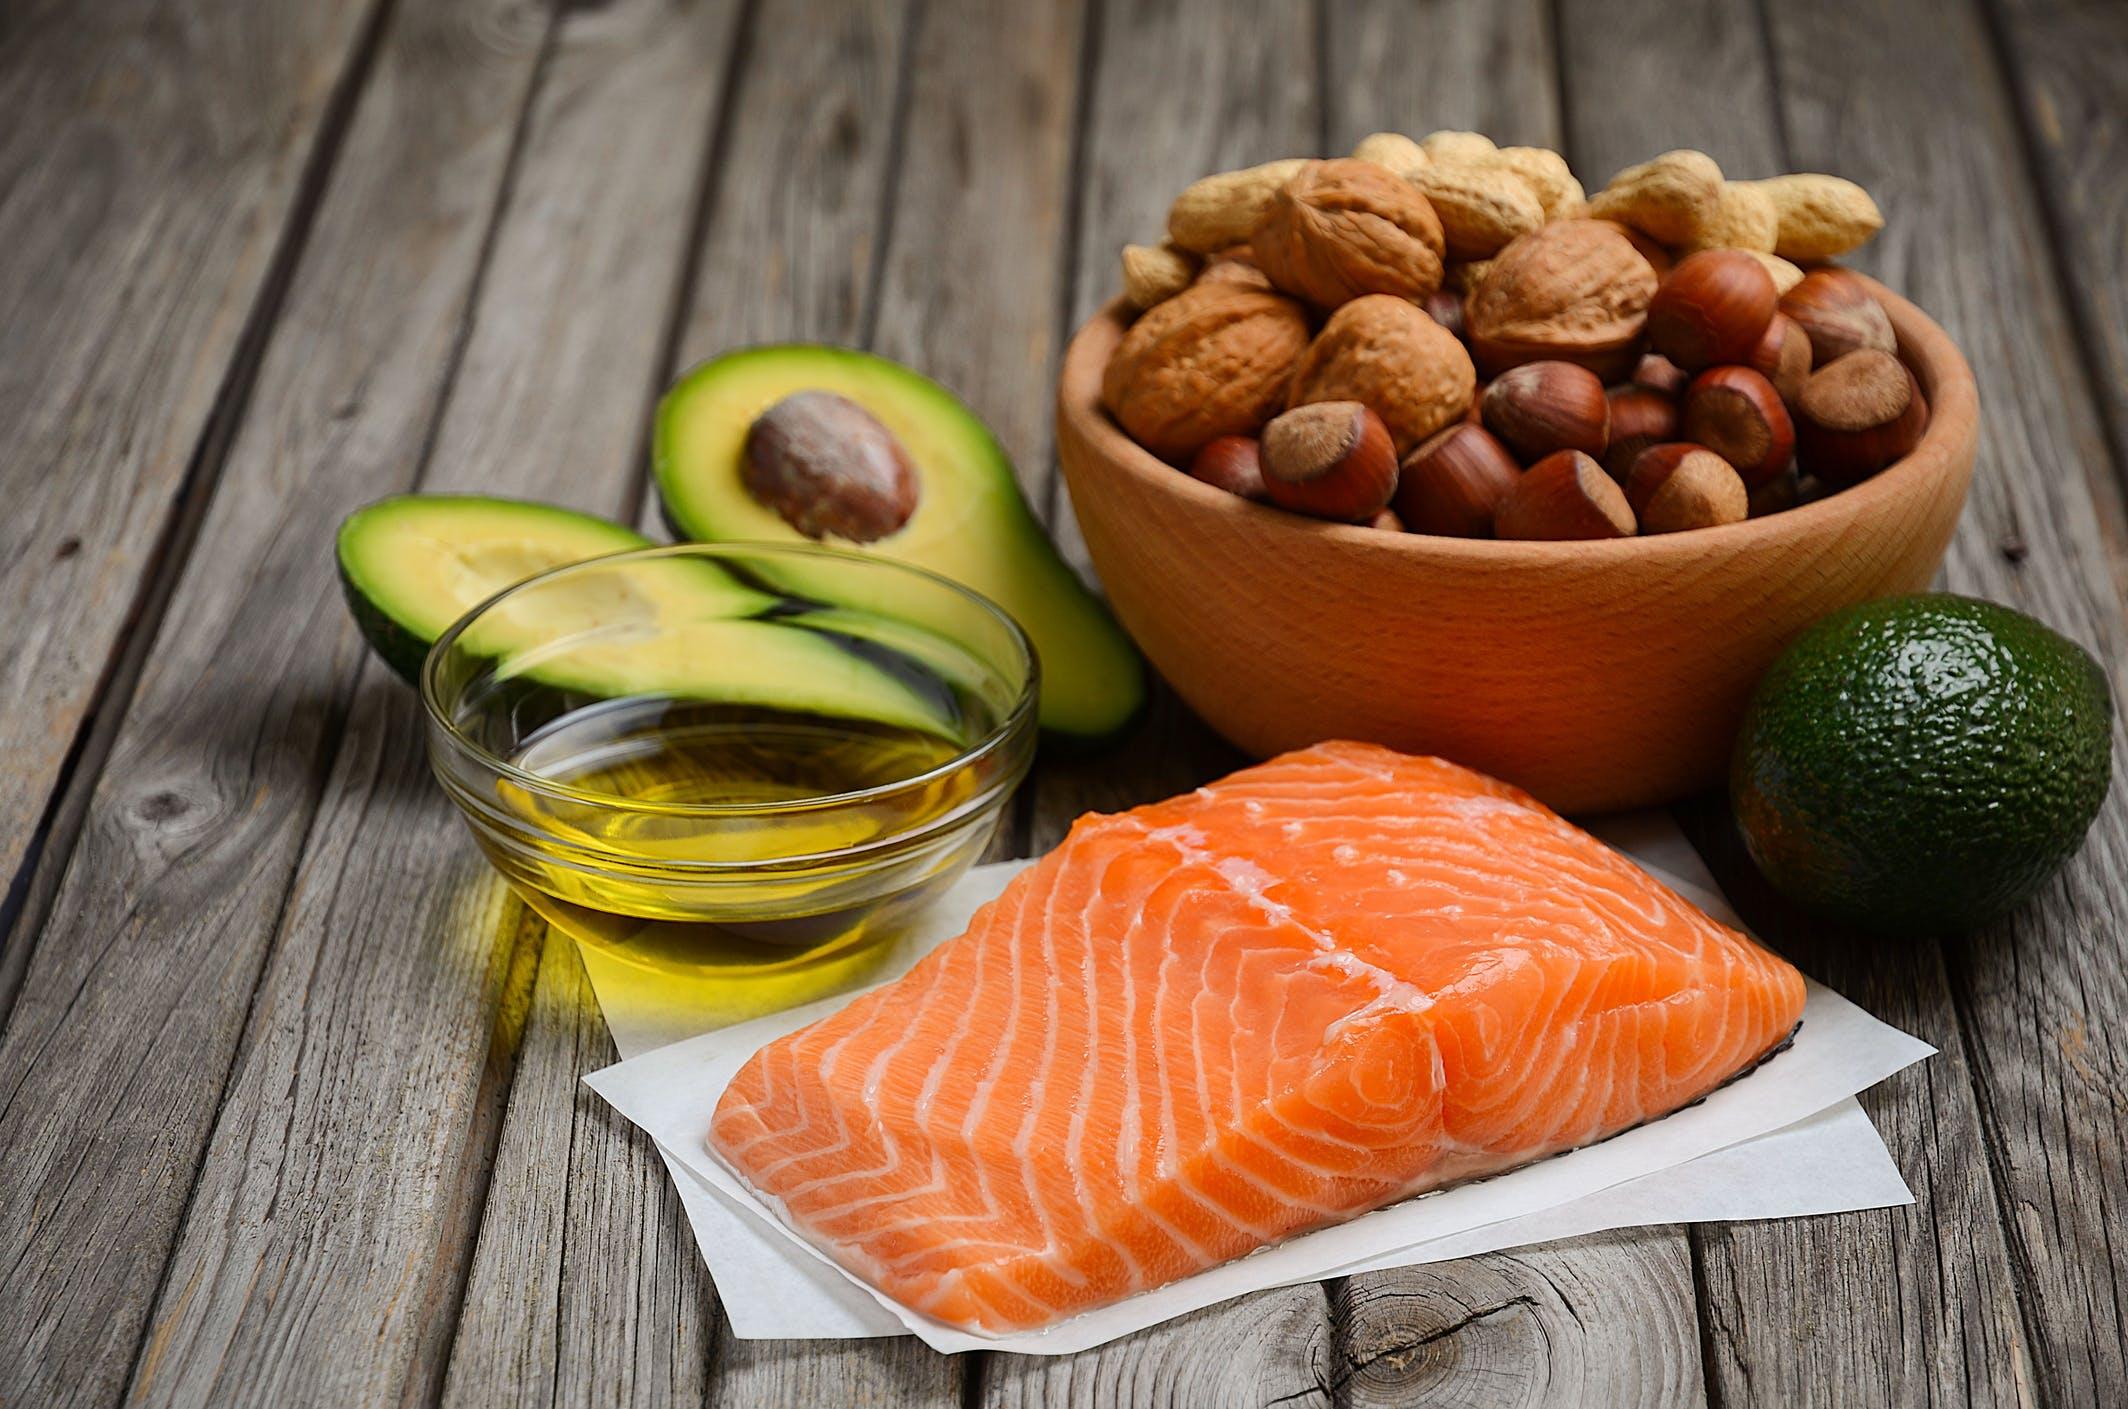 Lågkolhydratkost för diabetes på amerikansk diabeteskonferens